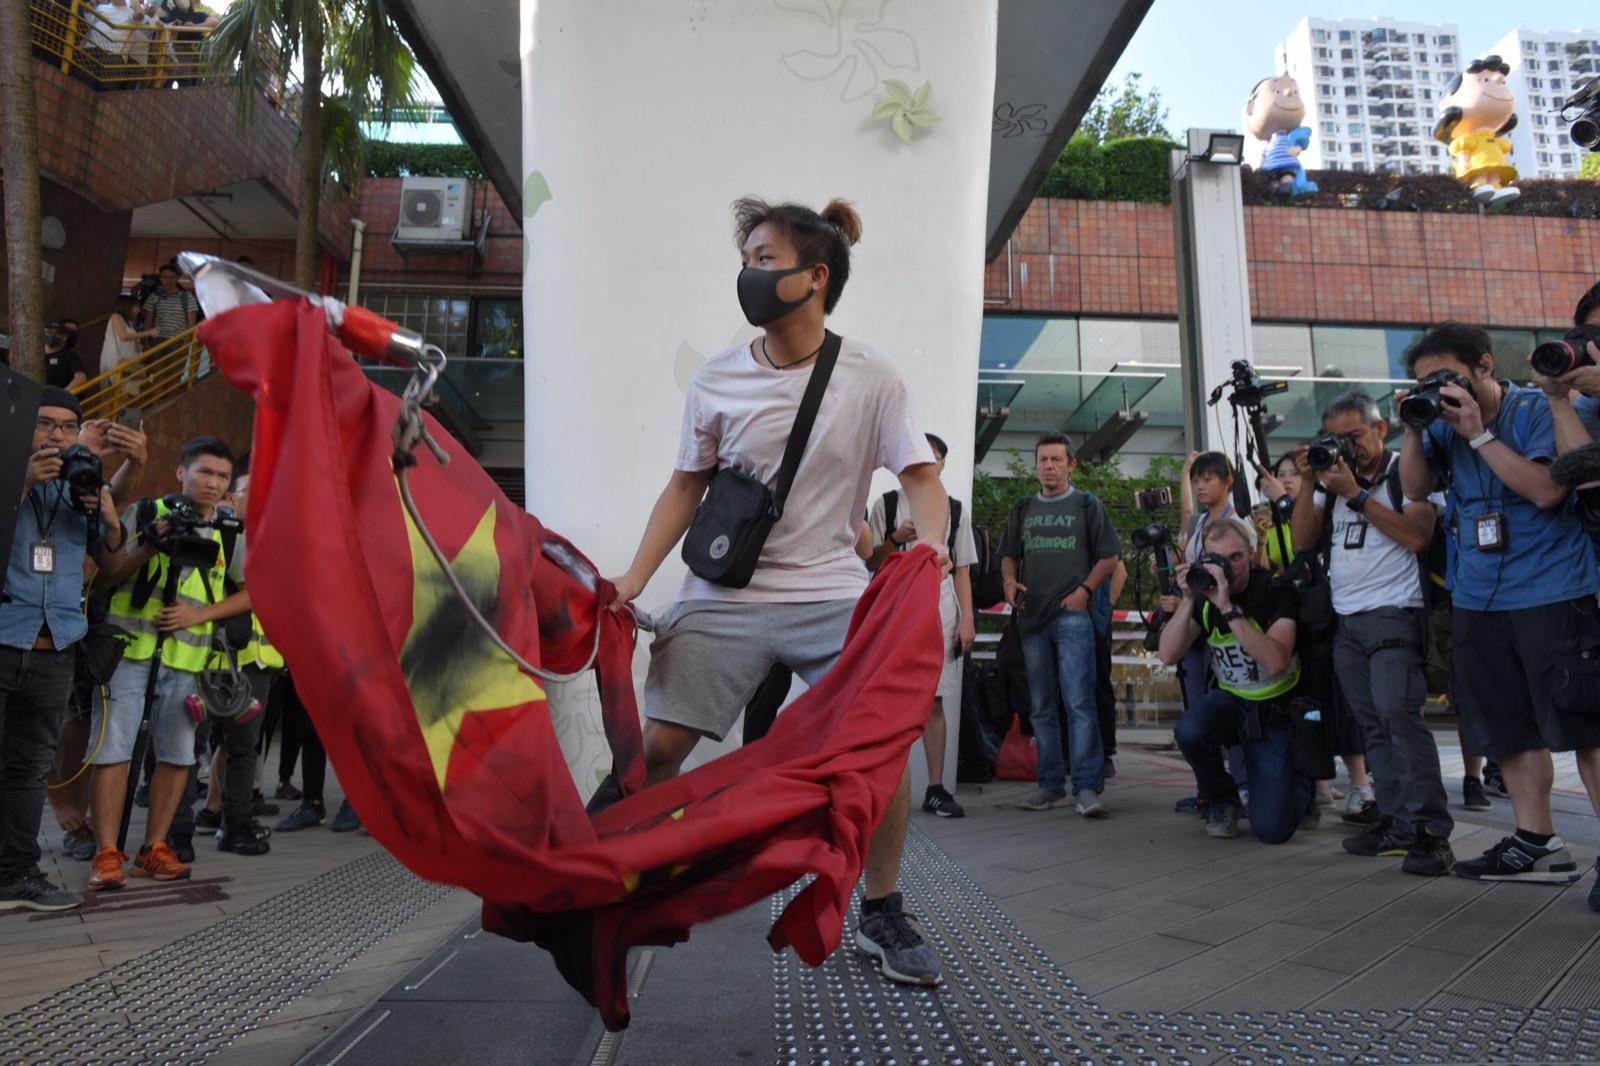 【修例風波】沙田示威者扯下國旗踐踏塗黑撕毀 丟入城門河